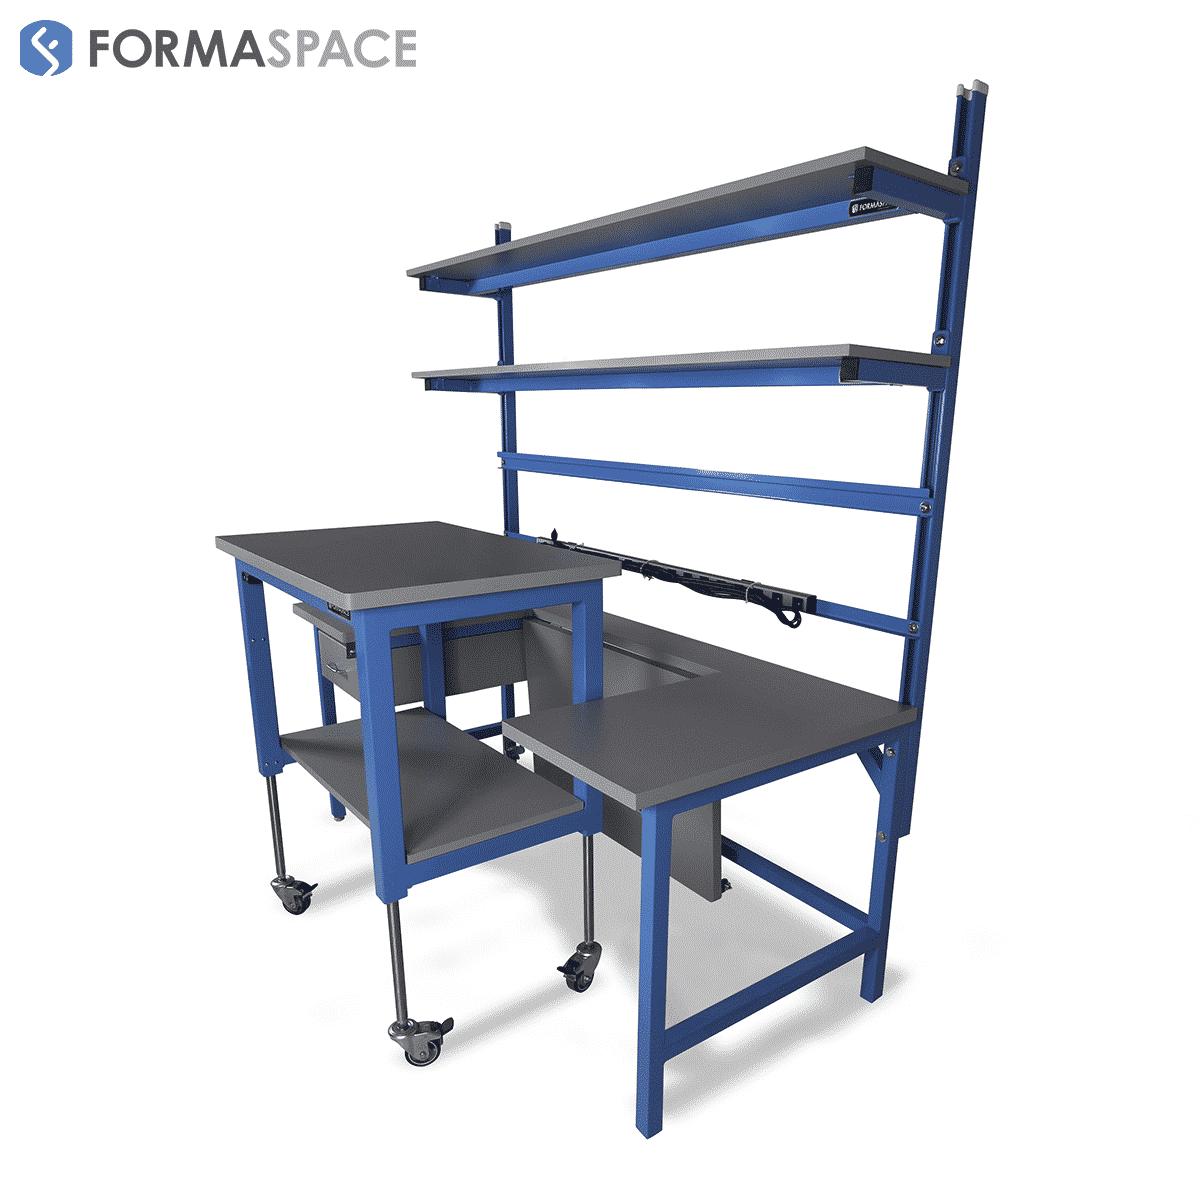 mobile cart cut-out tech lab workstation